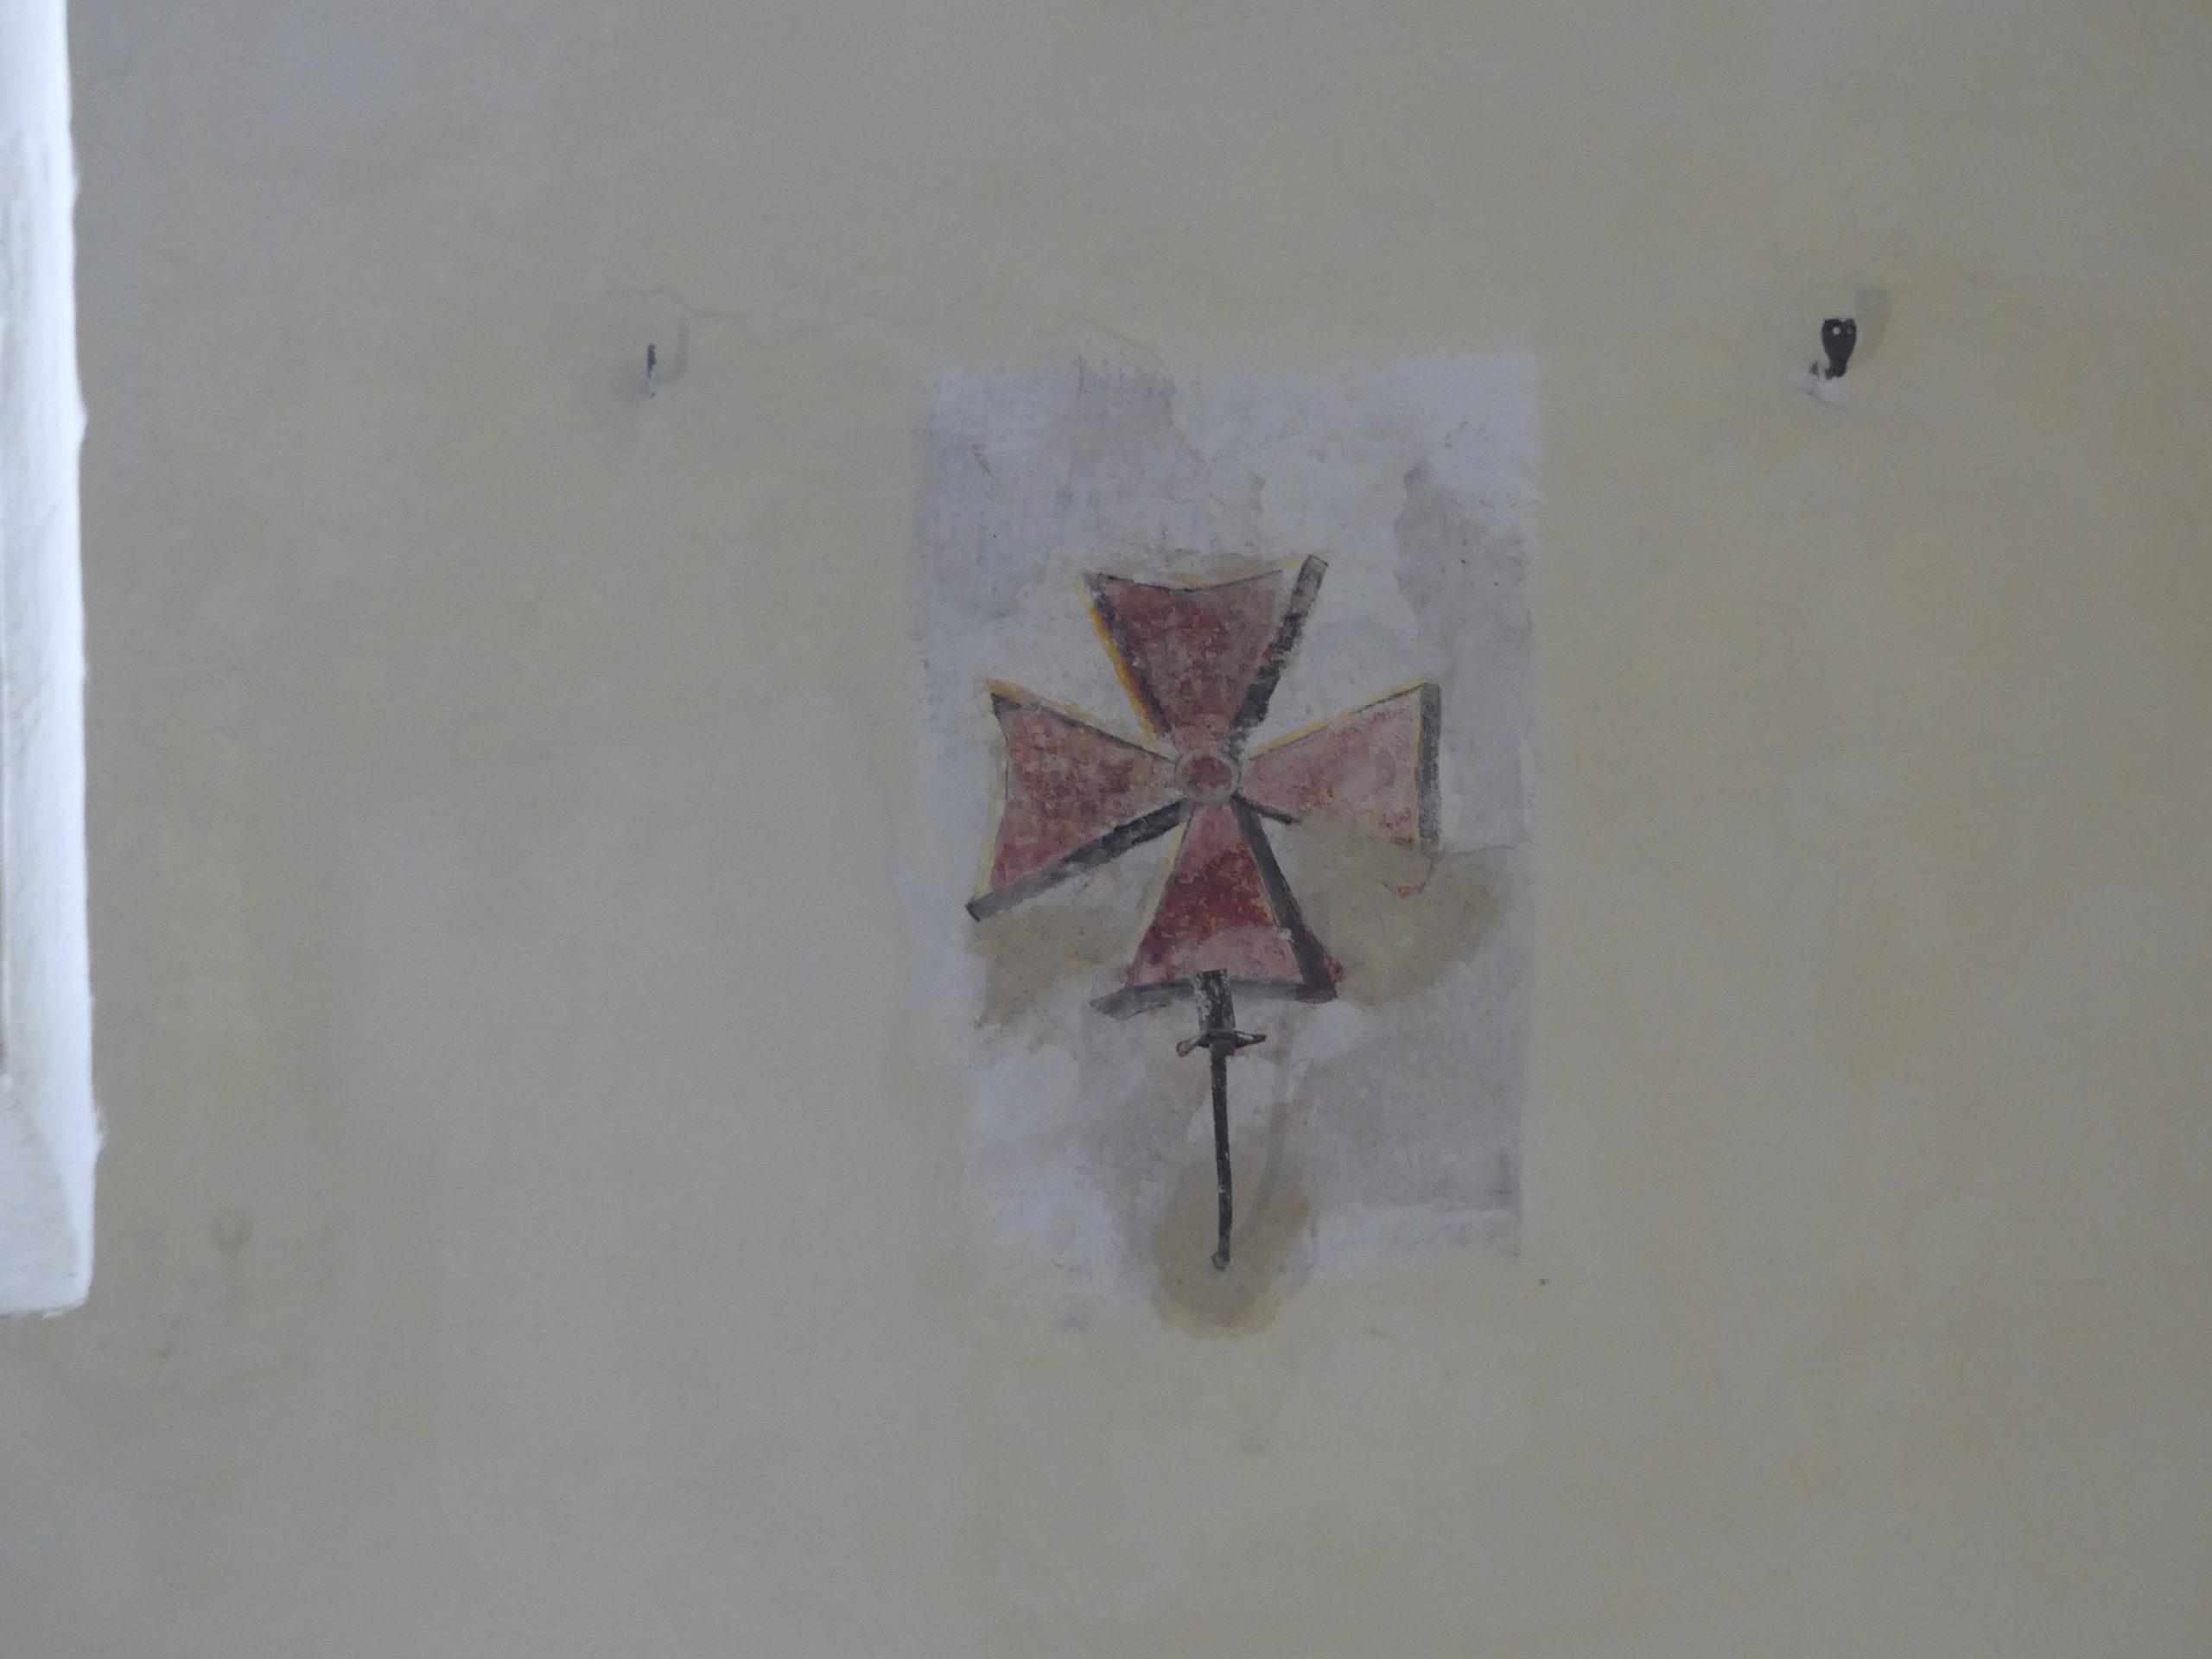 Ars - Eglise -Croix de consécration - 22 novembre 2019